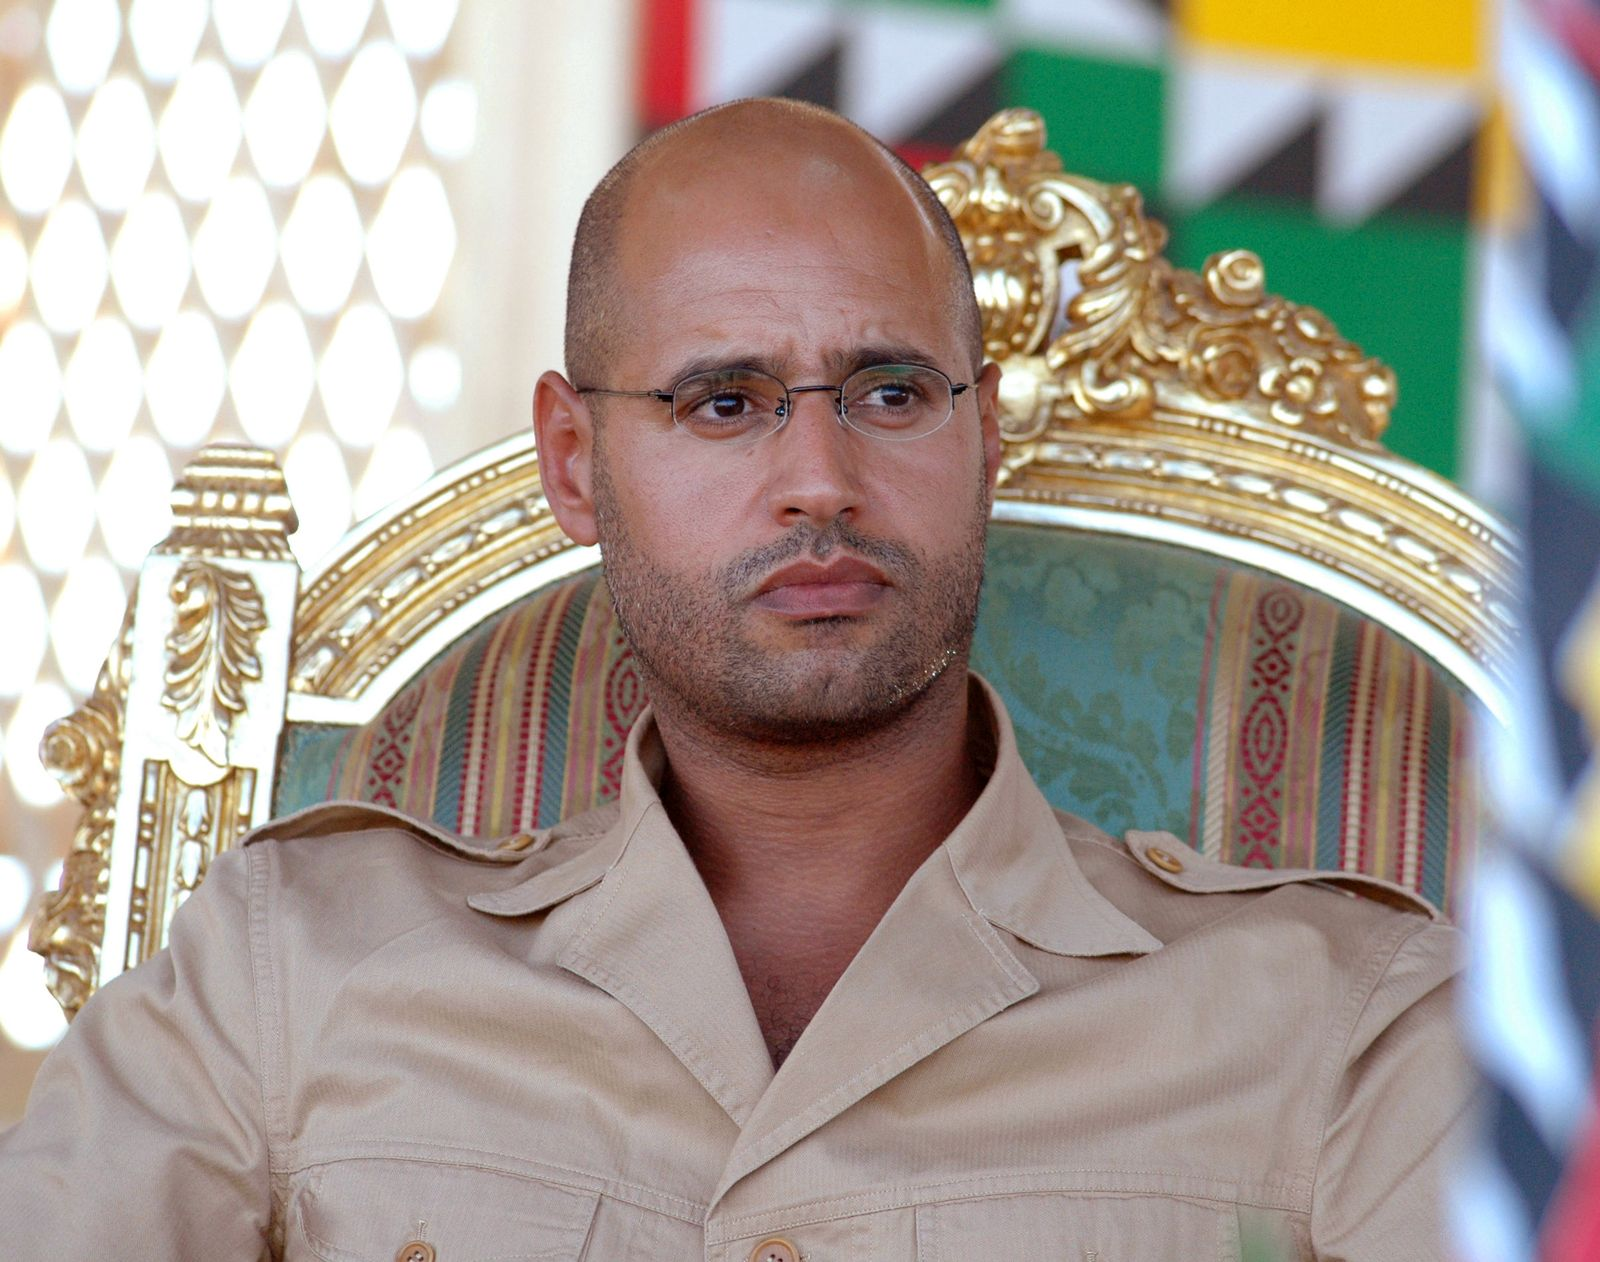 Stammbaum / Saif al-Islam Gaddafi